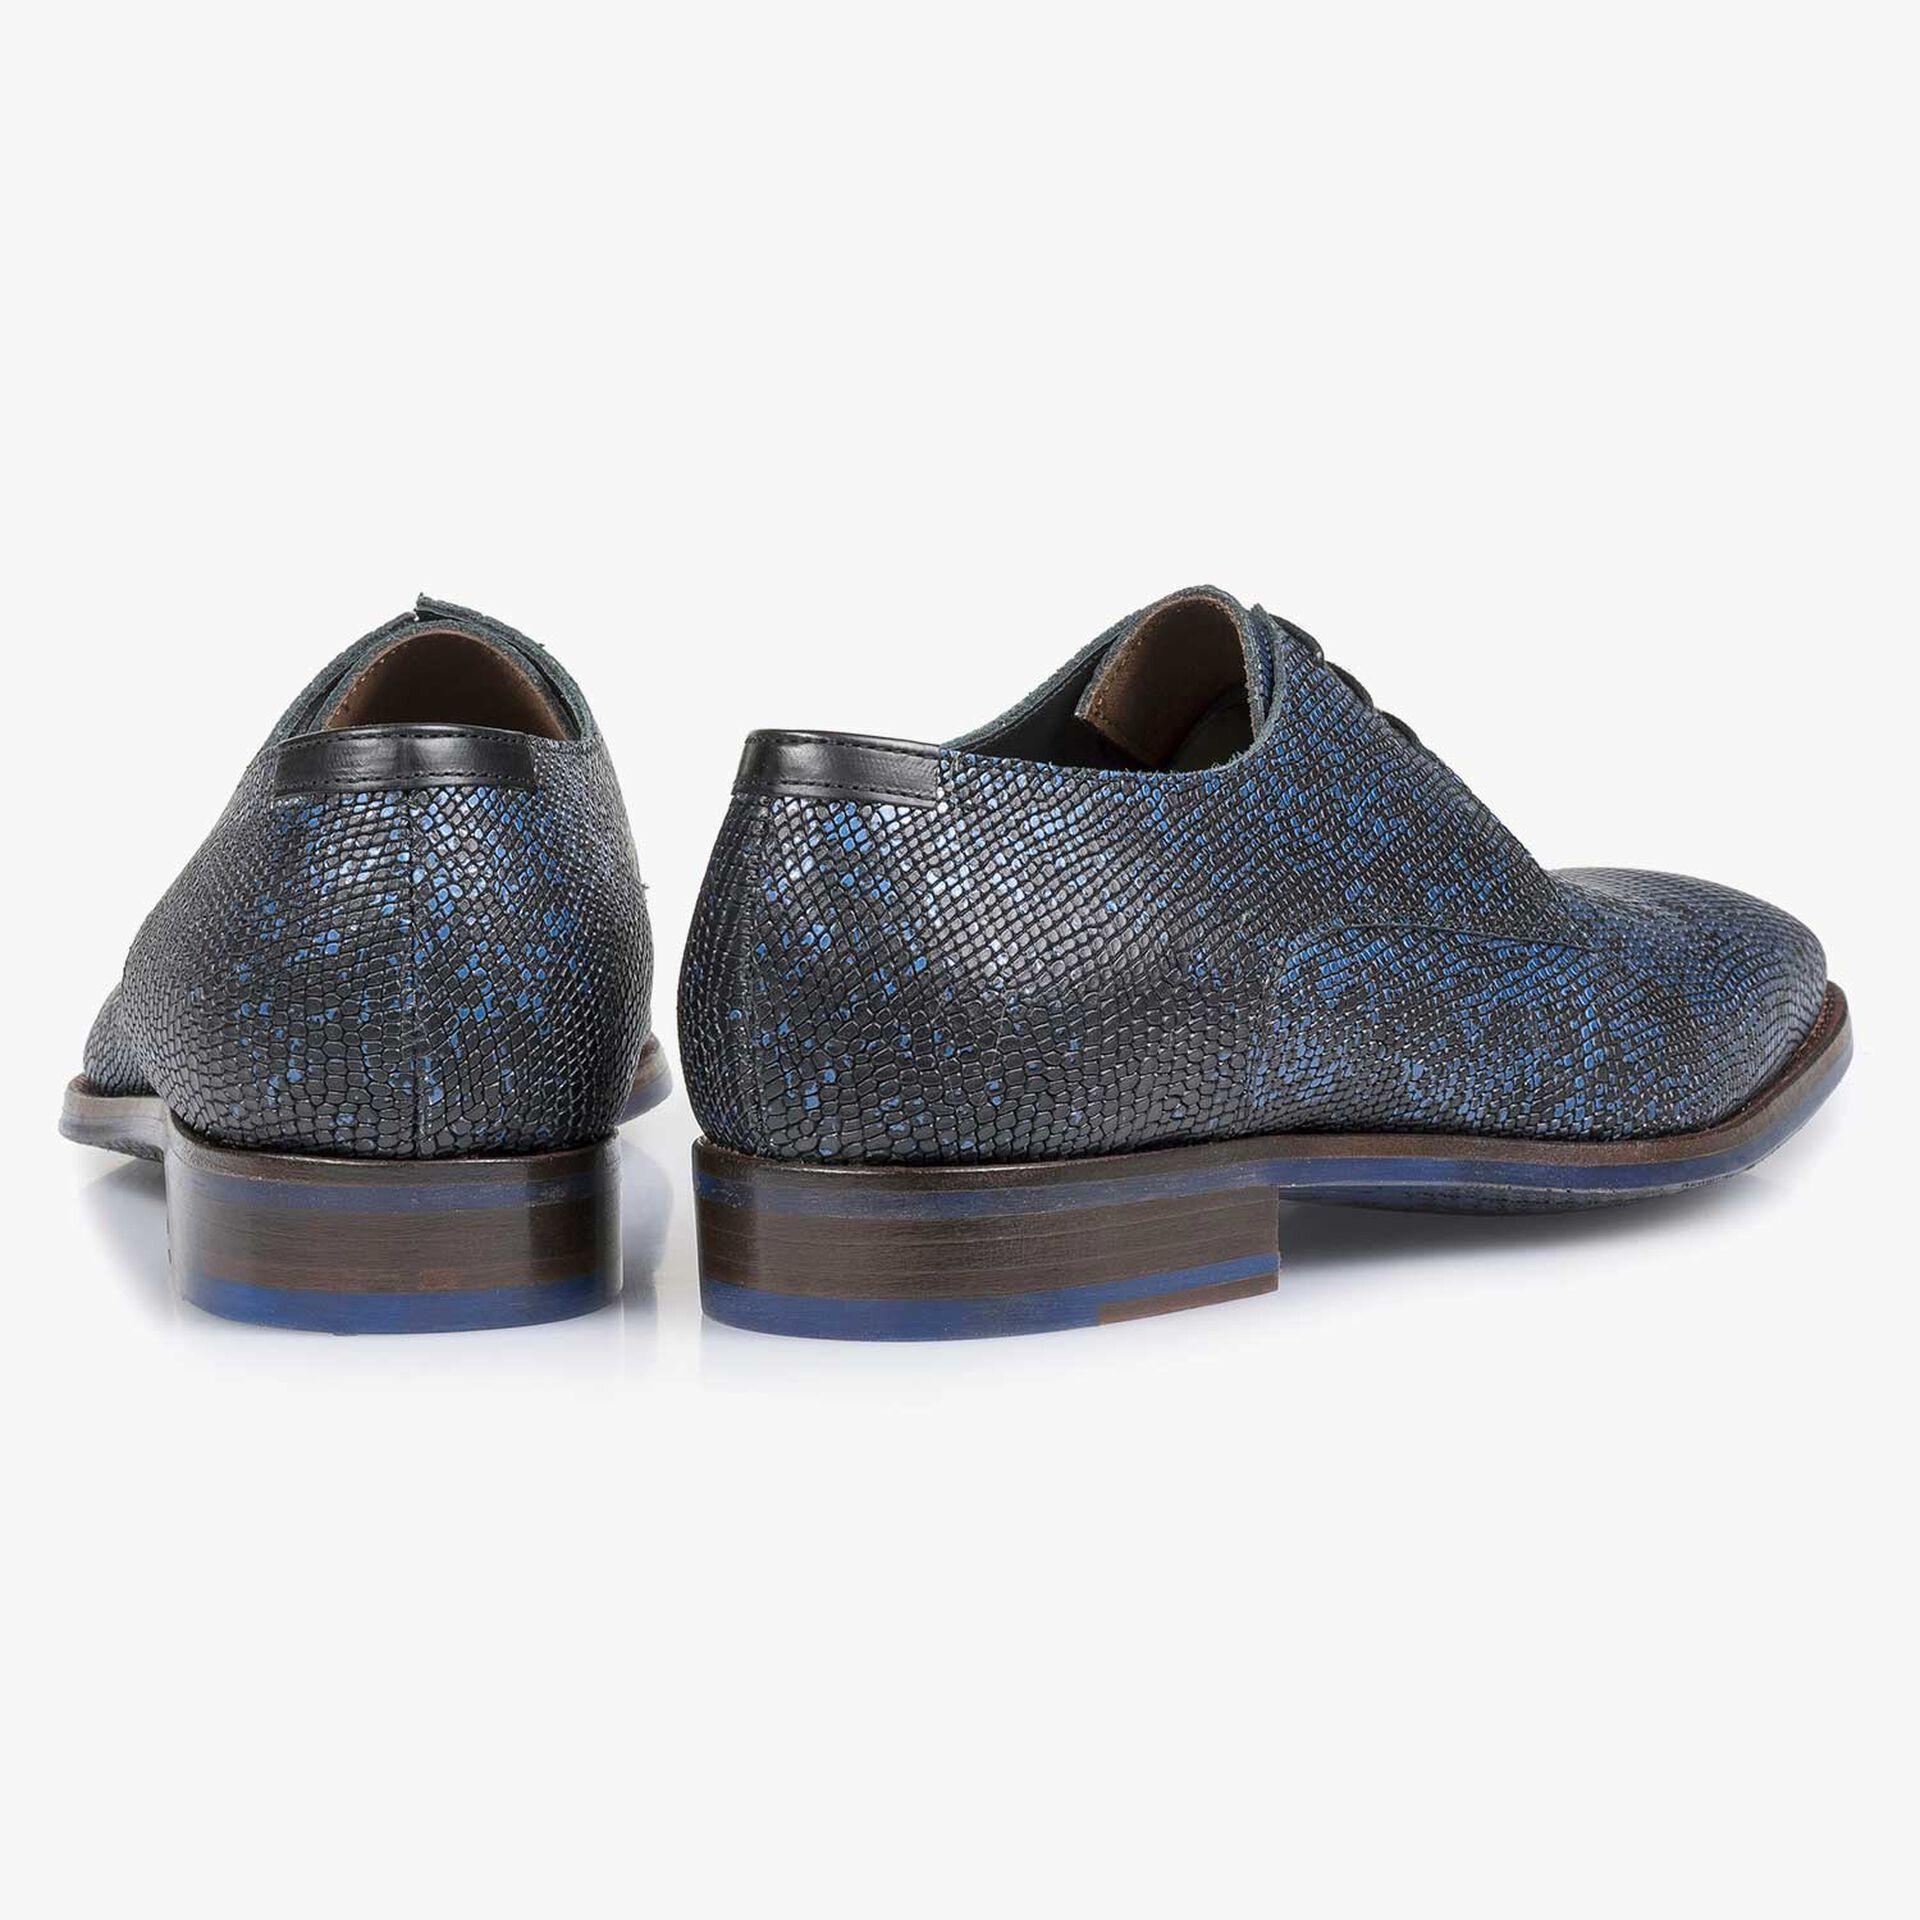 Schwarzer Premium-Schnürschuh mit blauem Metallicprint